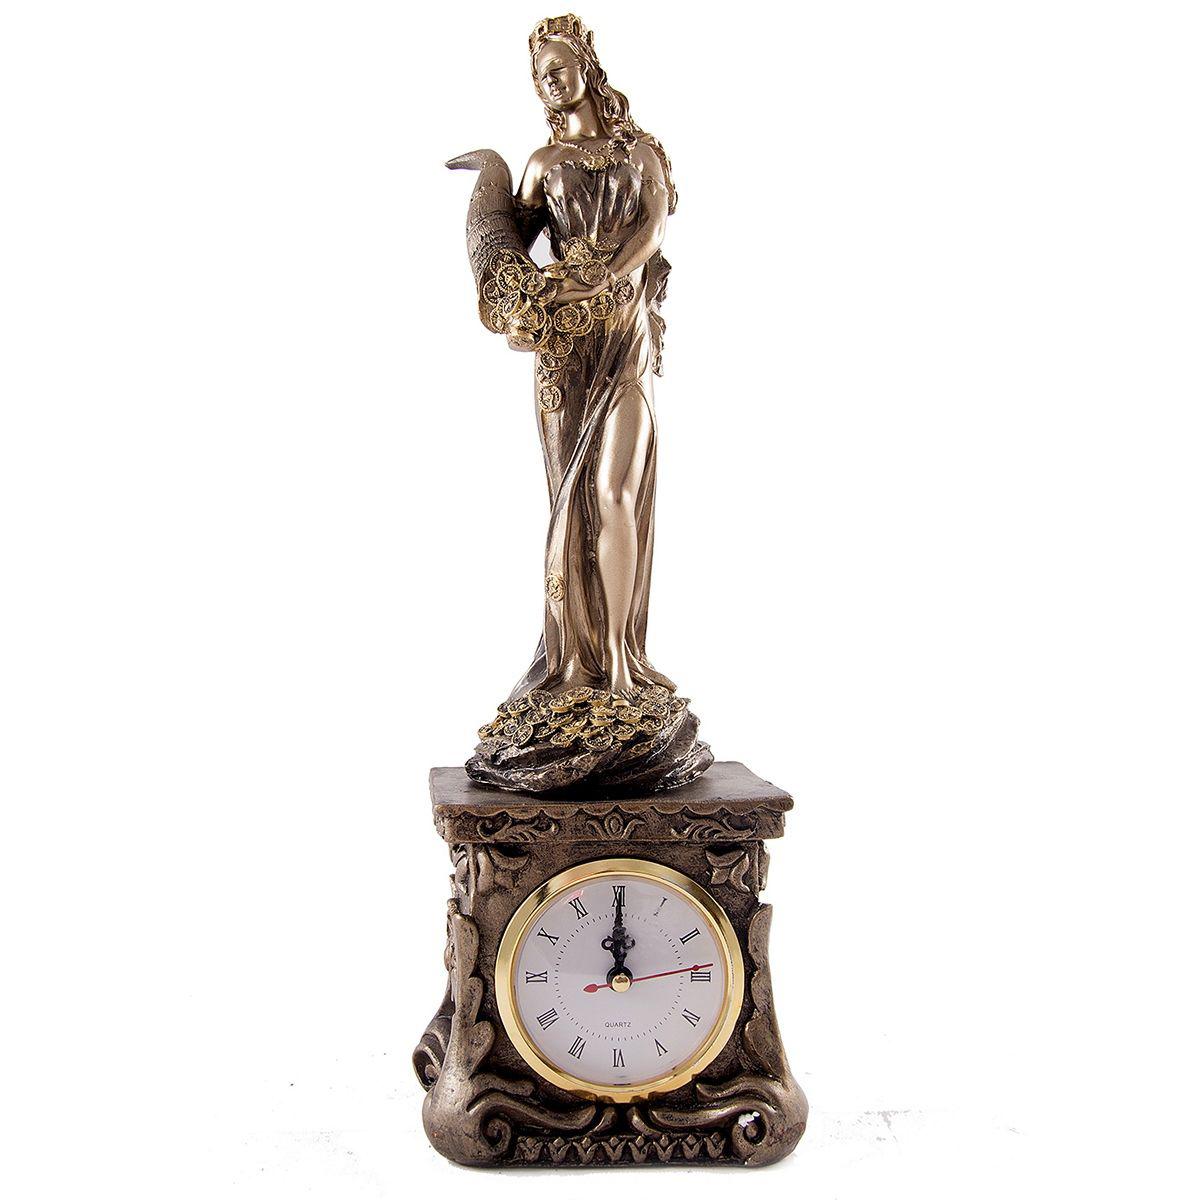 Часы настольные Русские Подарки Римская богиня счастья и удачи - Фортуна. 5934559345